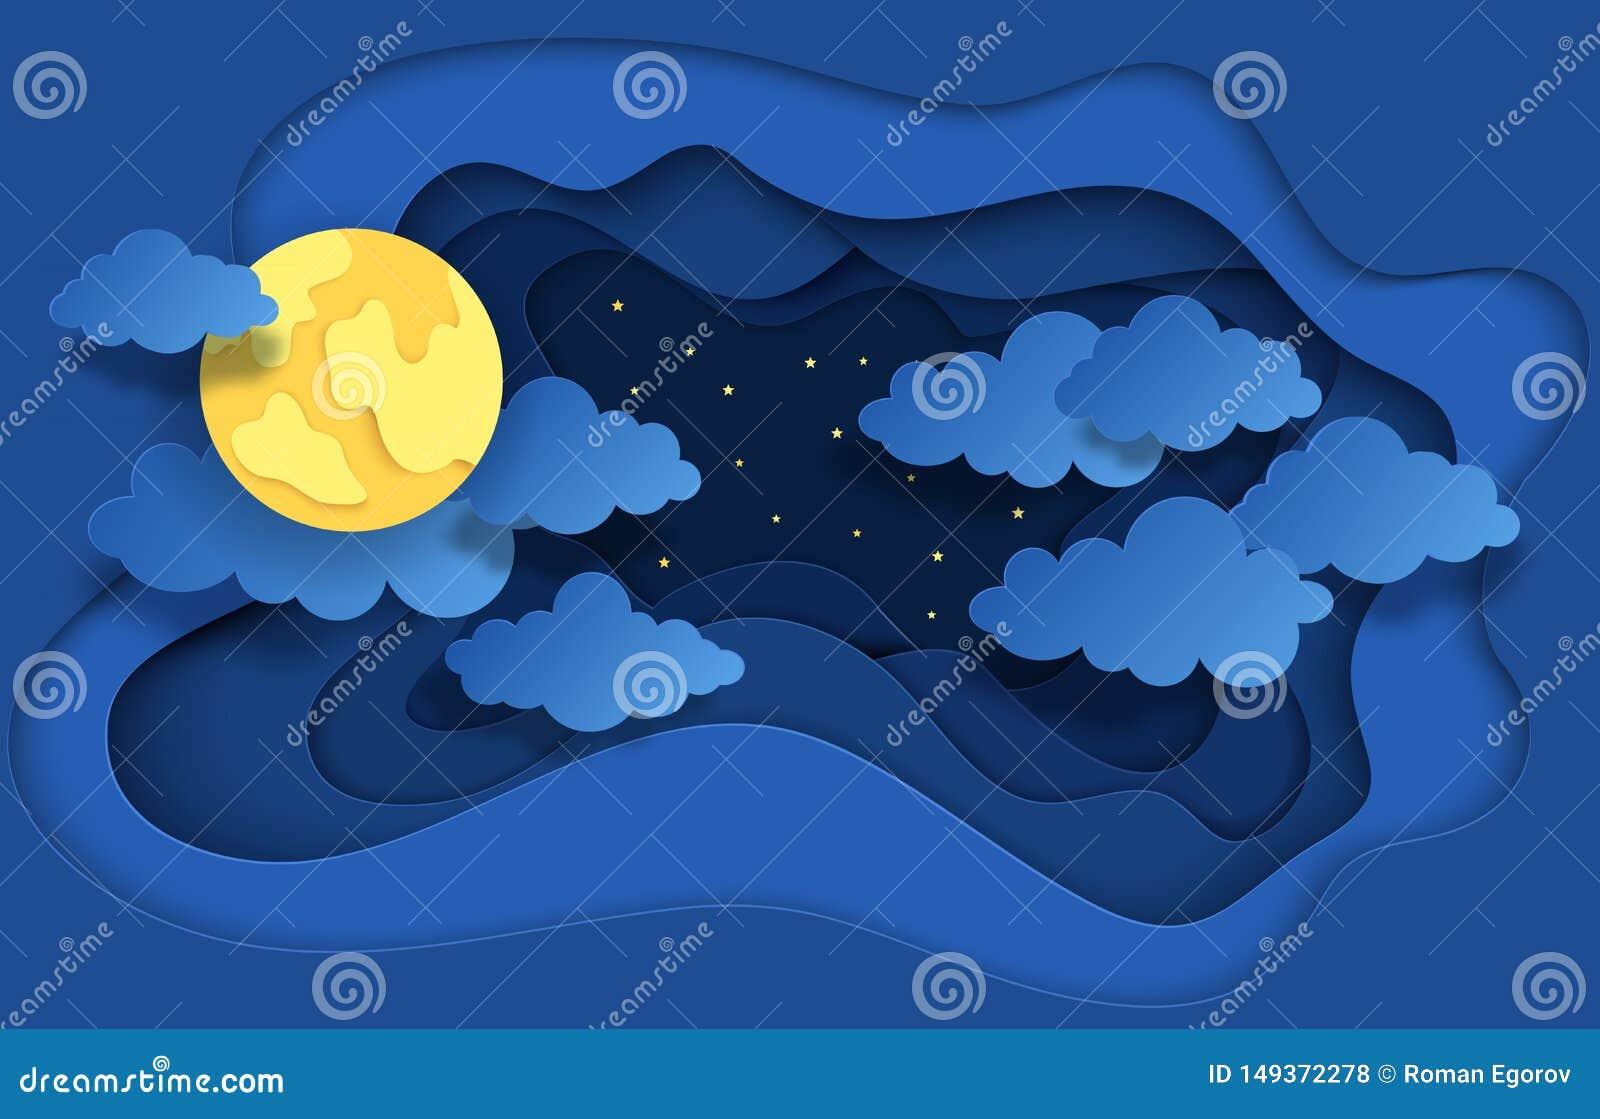 Papieru rżnięty nocne niebo Marzycielski tło z księżyc gra główna rolę i chmury, abstrakcjonistyczny fantazji tło Wektorowy origa